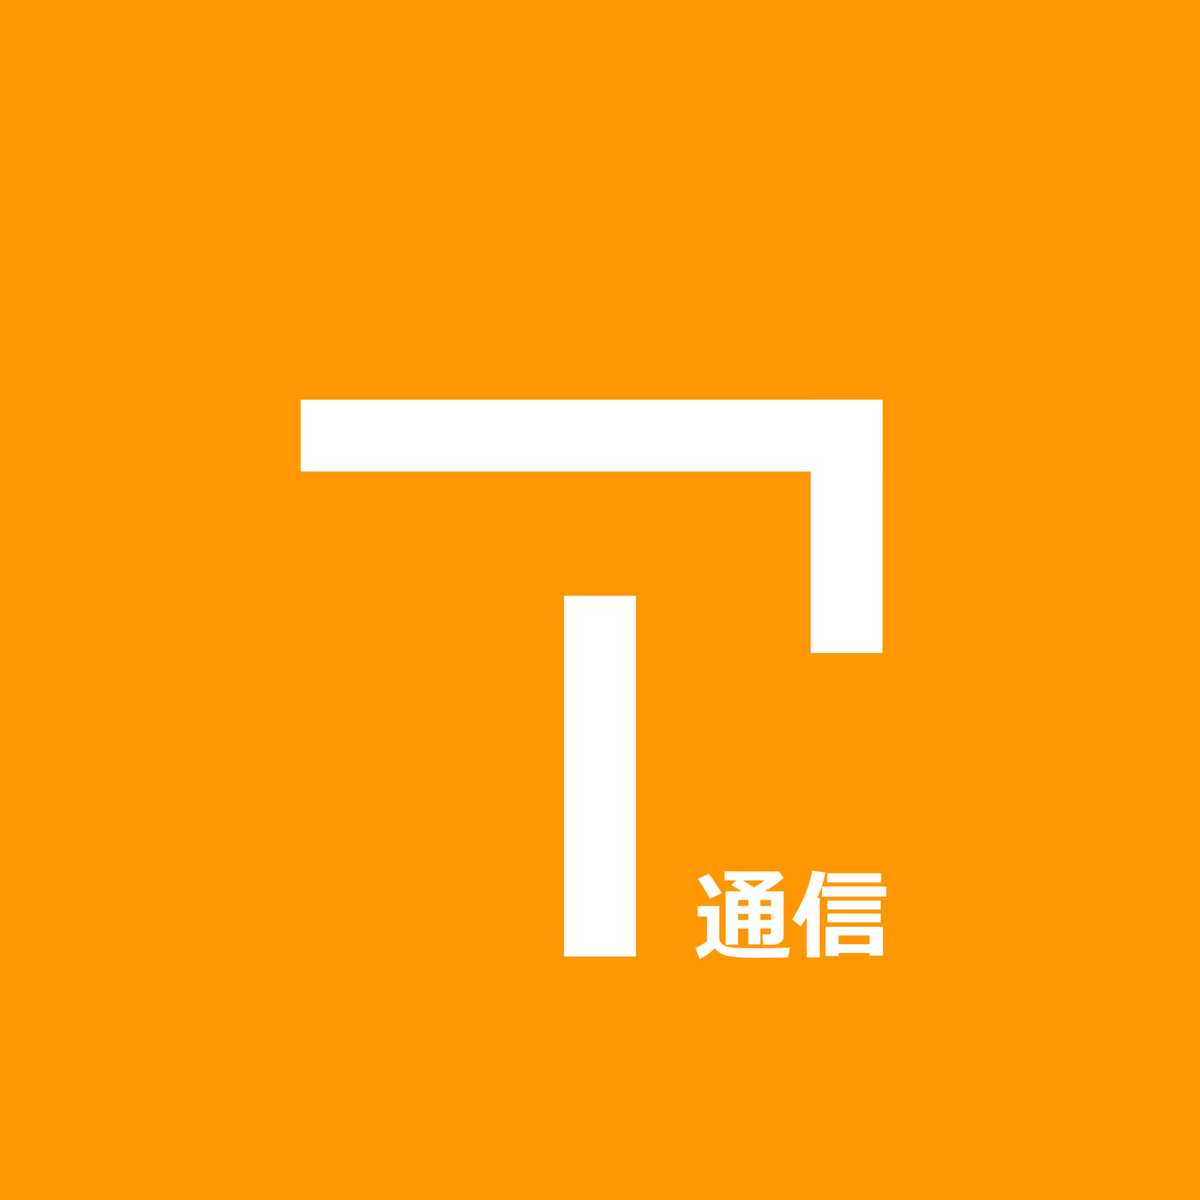 f:id:atsushi-ishida-ai:20190523233741p:plain